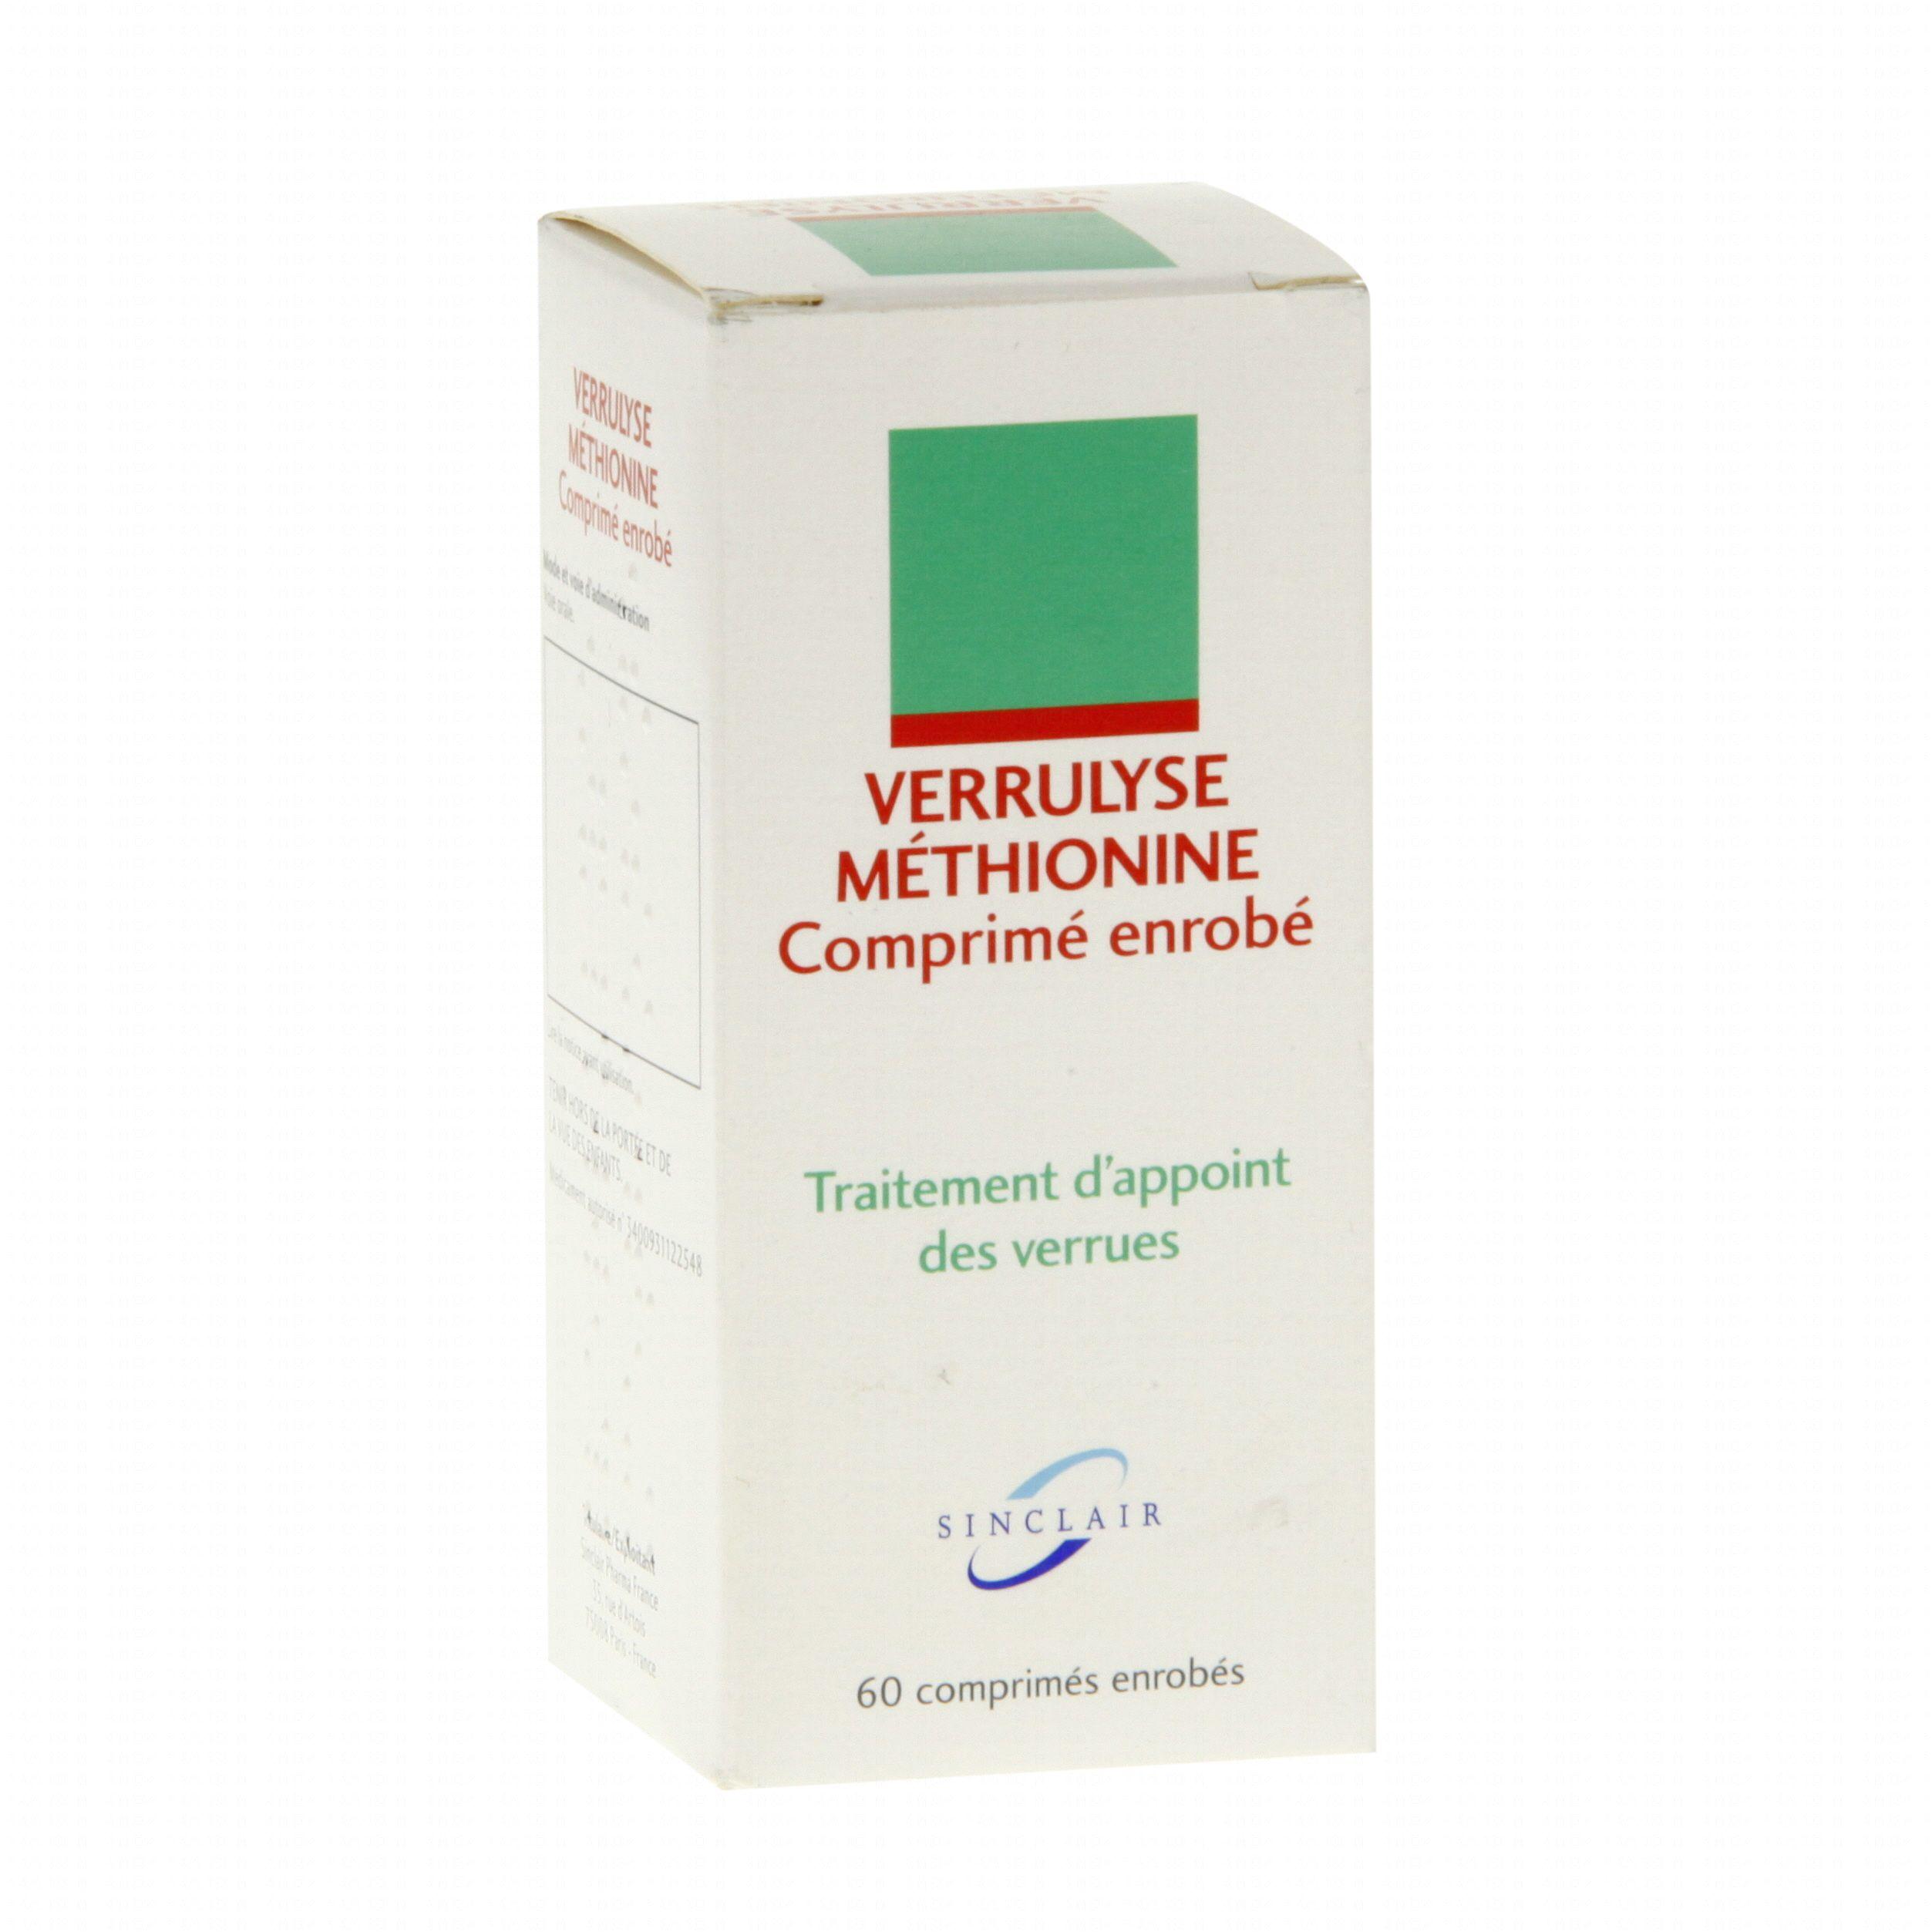 Verrulyse méthionine boîte de 60 comprimés Sinclair